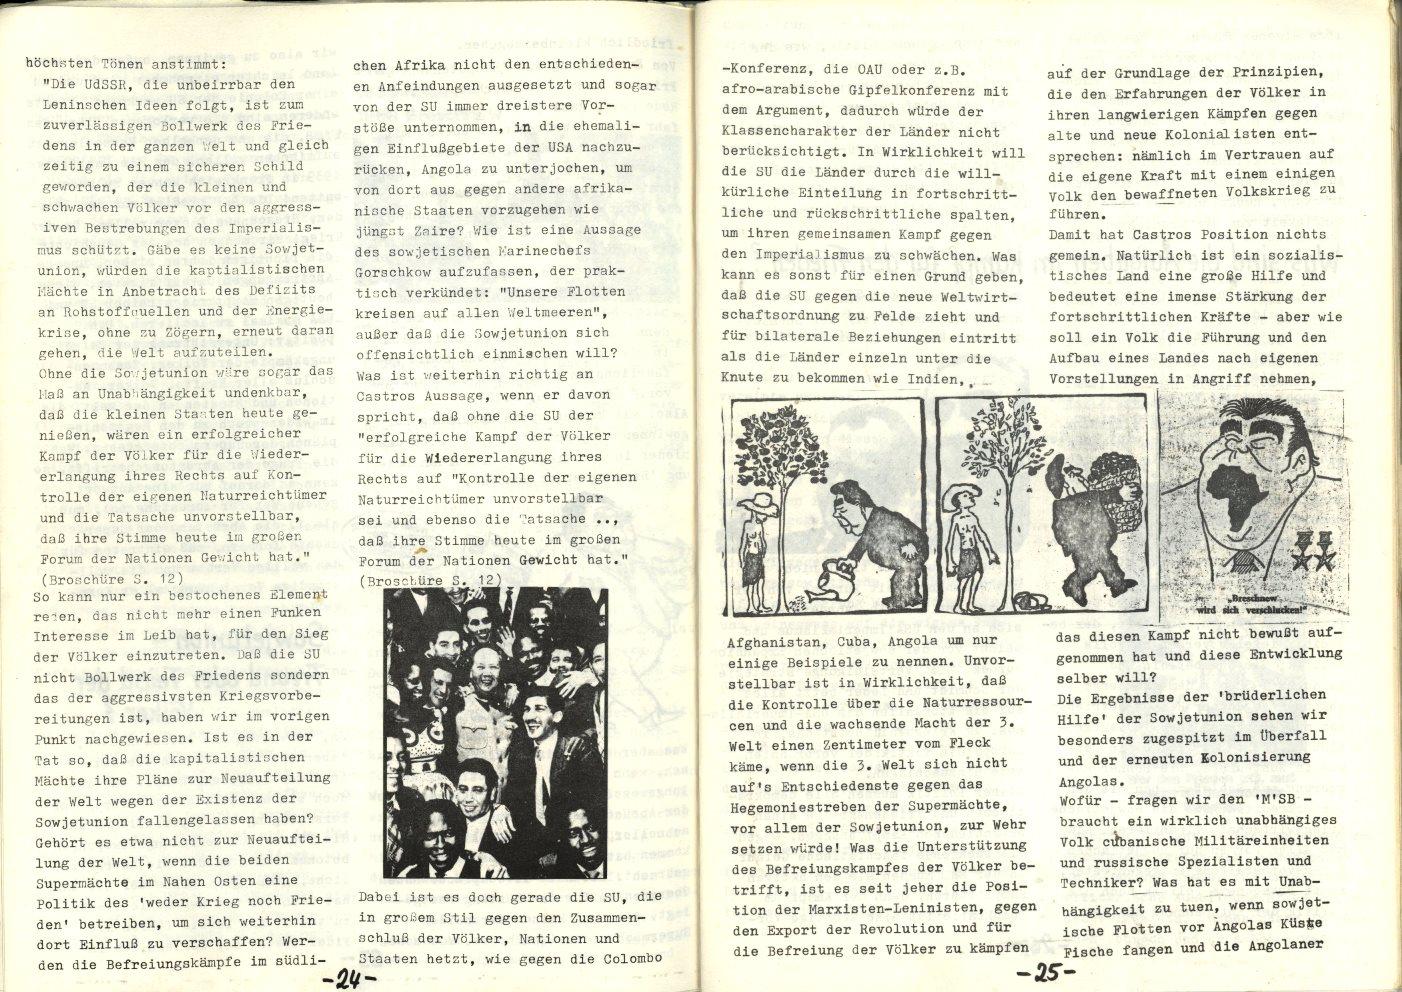 NRW_KSV_1977_Doku_zu_den_AStA_Wahlen_Nr_2_13